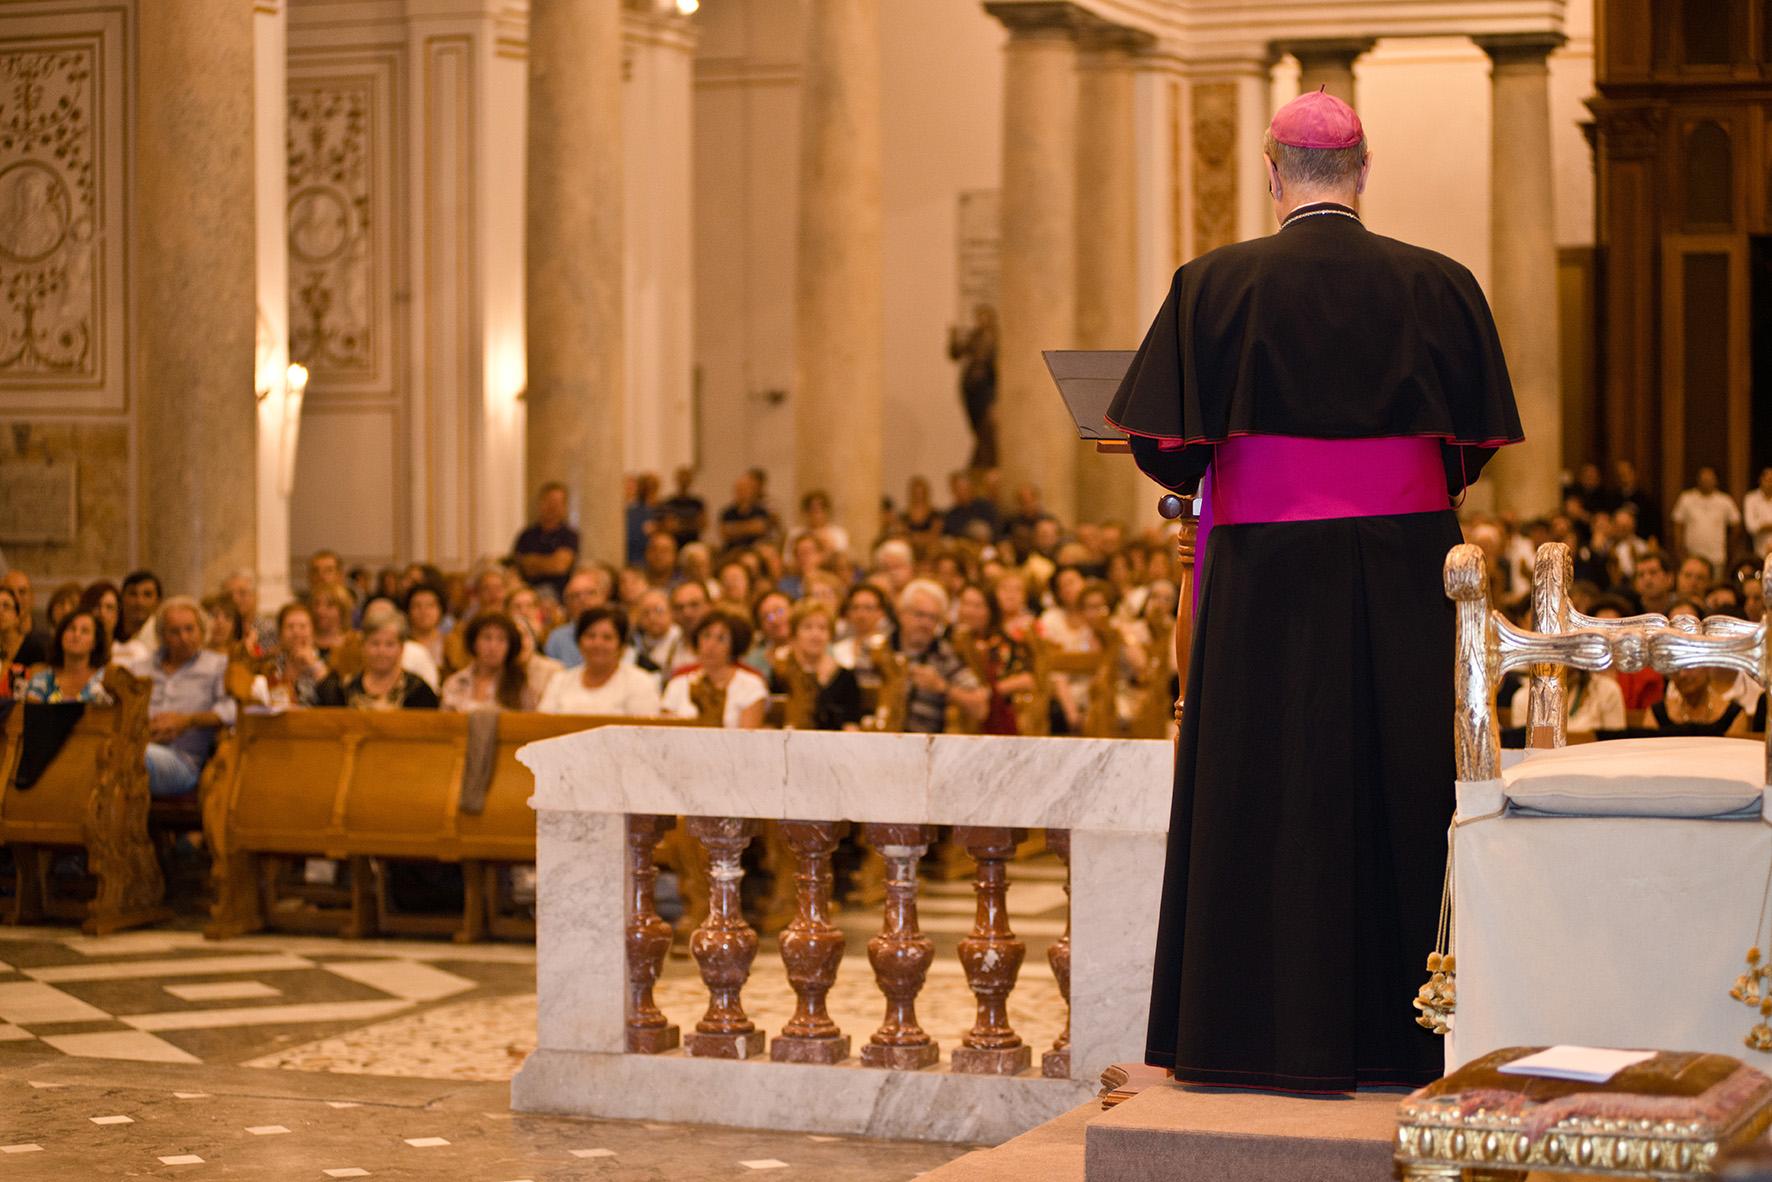 Nuovo Piano Pastorale: Il discernimento, la missione e la speranza. Presentato il nuovo itinerario della chiesa mazarese